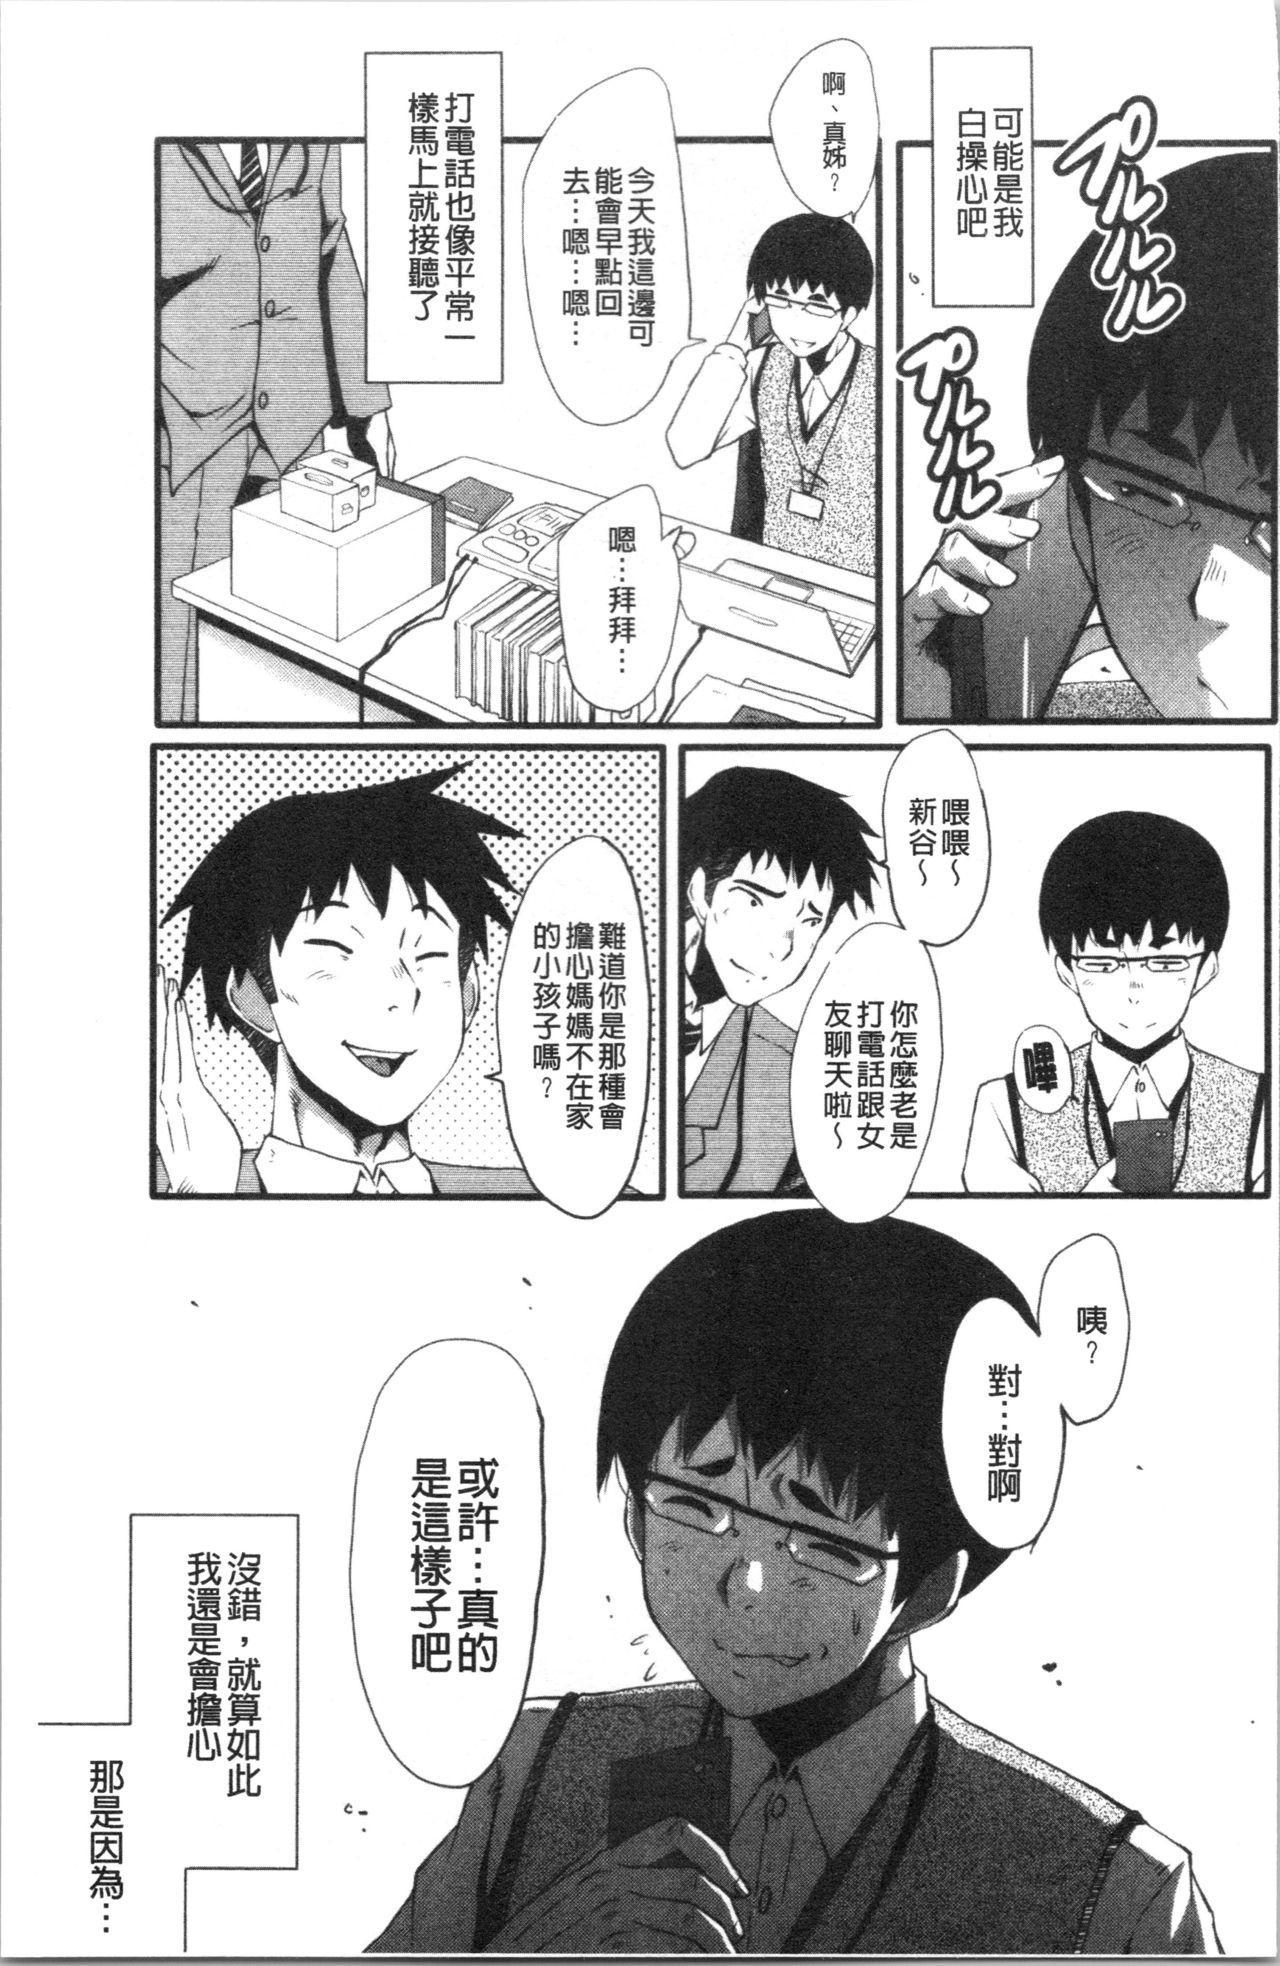 Bokuno Kanojo ga Kusogaki ni Netorareta Hanashi 128